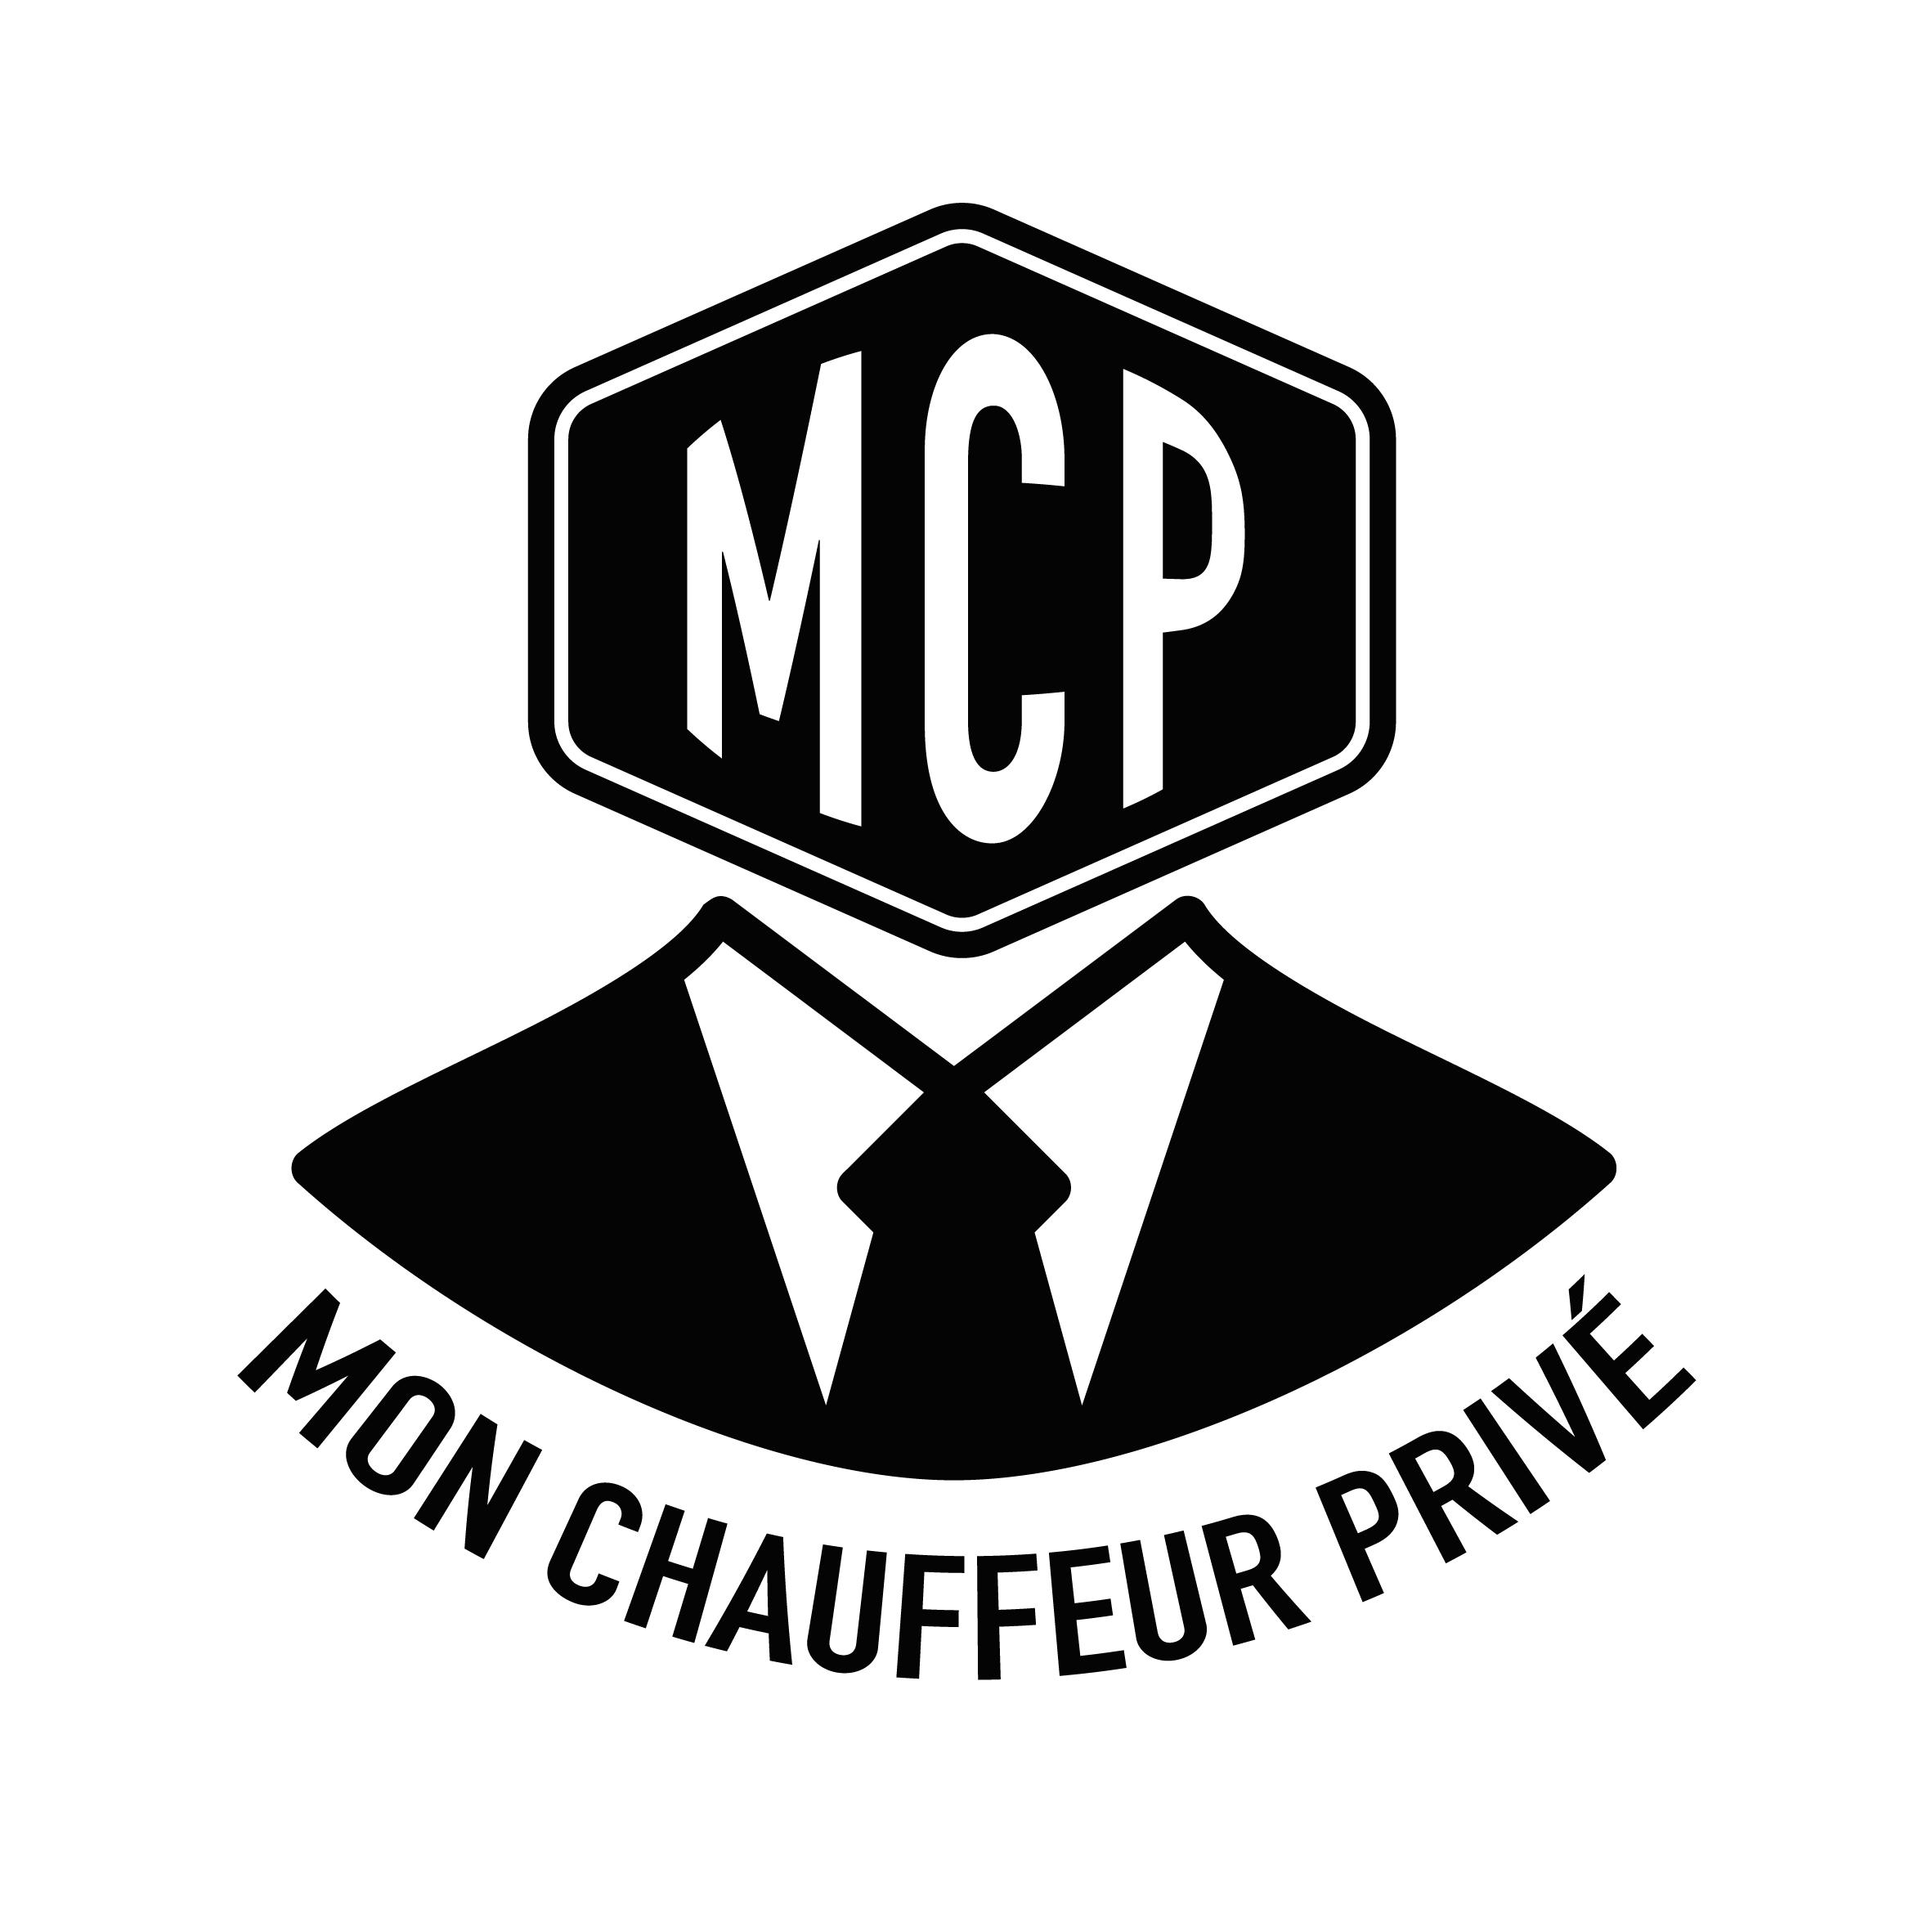 Mon Chauffeur Privé (MCP)